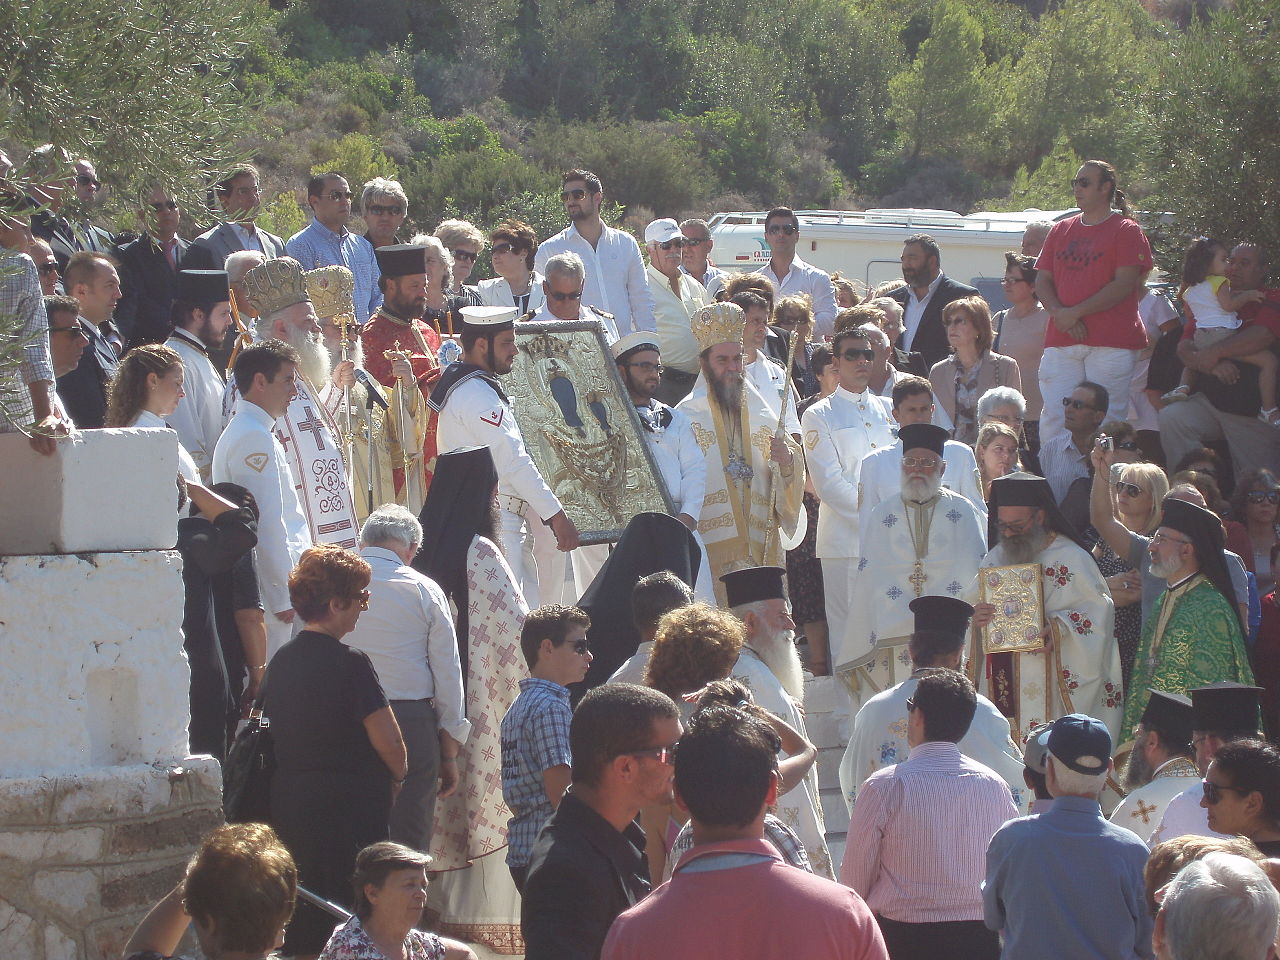 H γιορτή στα Κύθηρα κρατάει 15 μέρες. Η περιφορά της εικόνας γίνεται σε κάθε στενό, σε κάθε χωριό